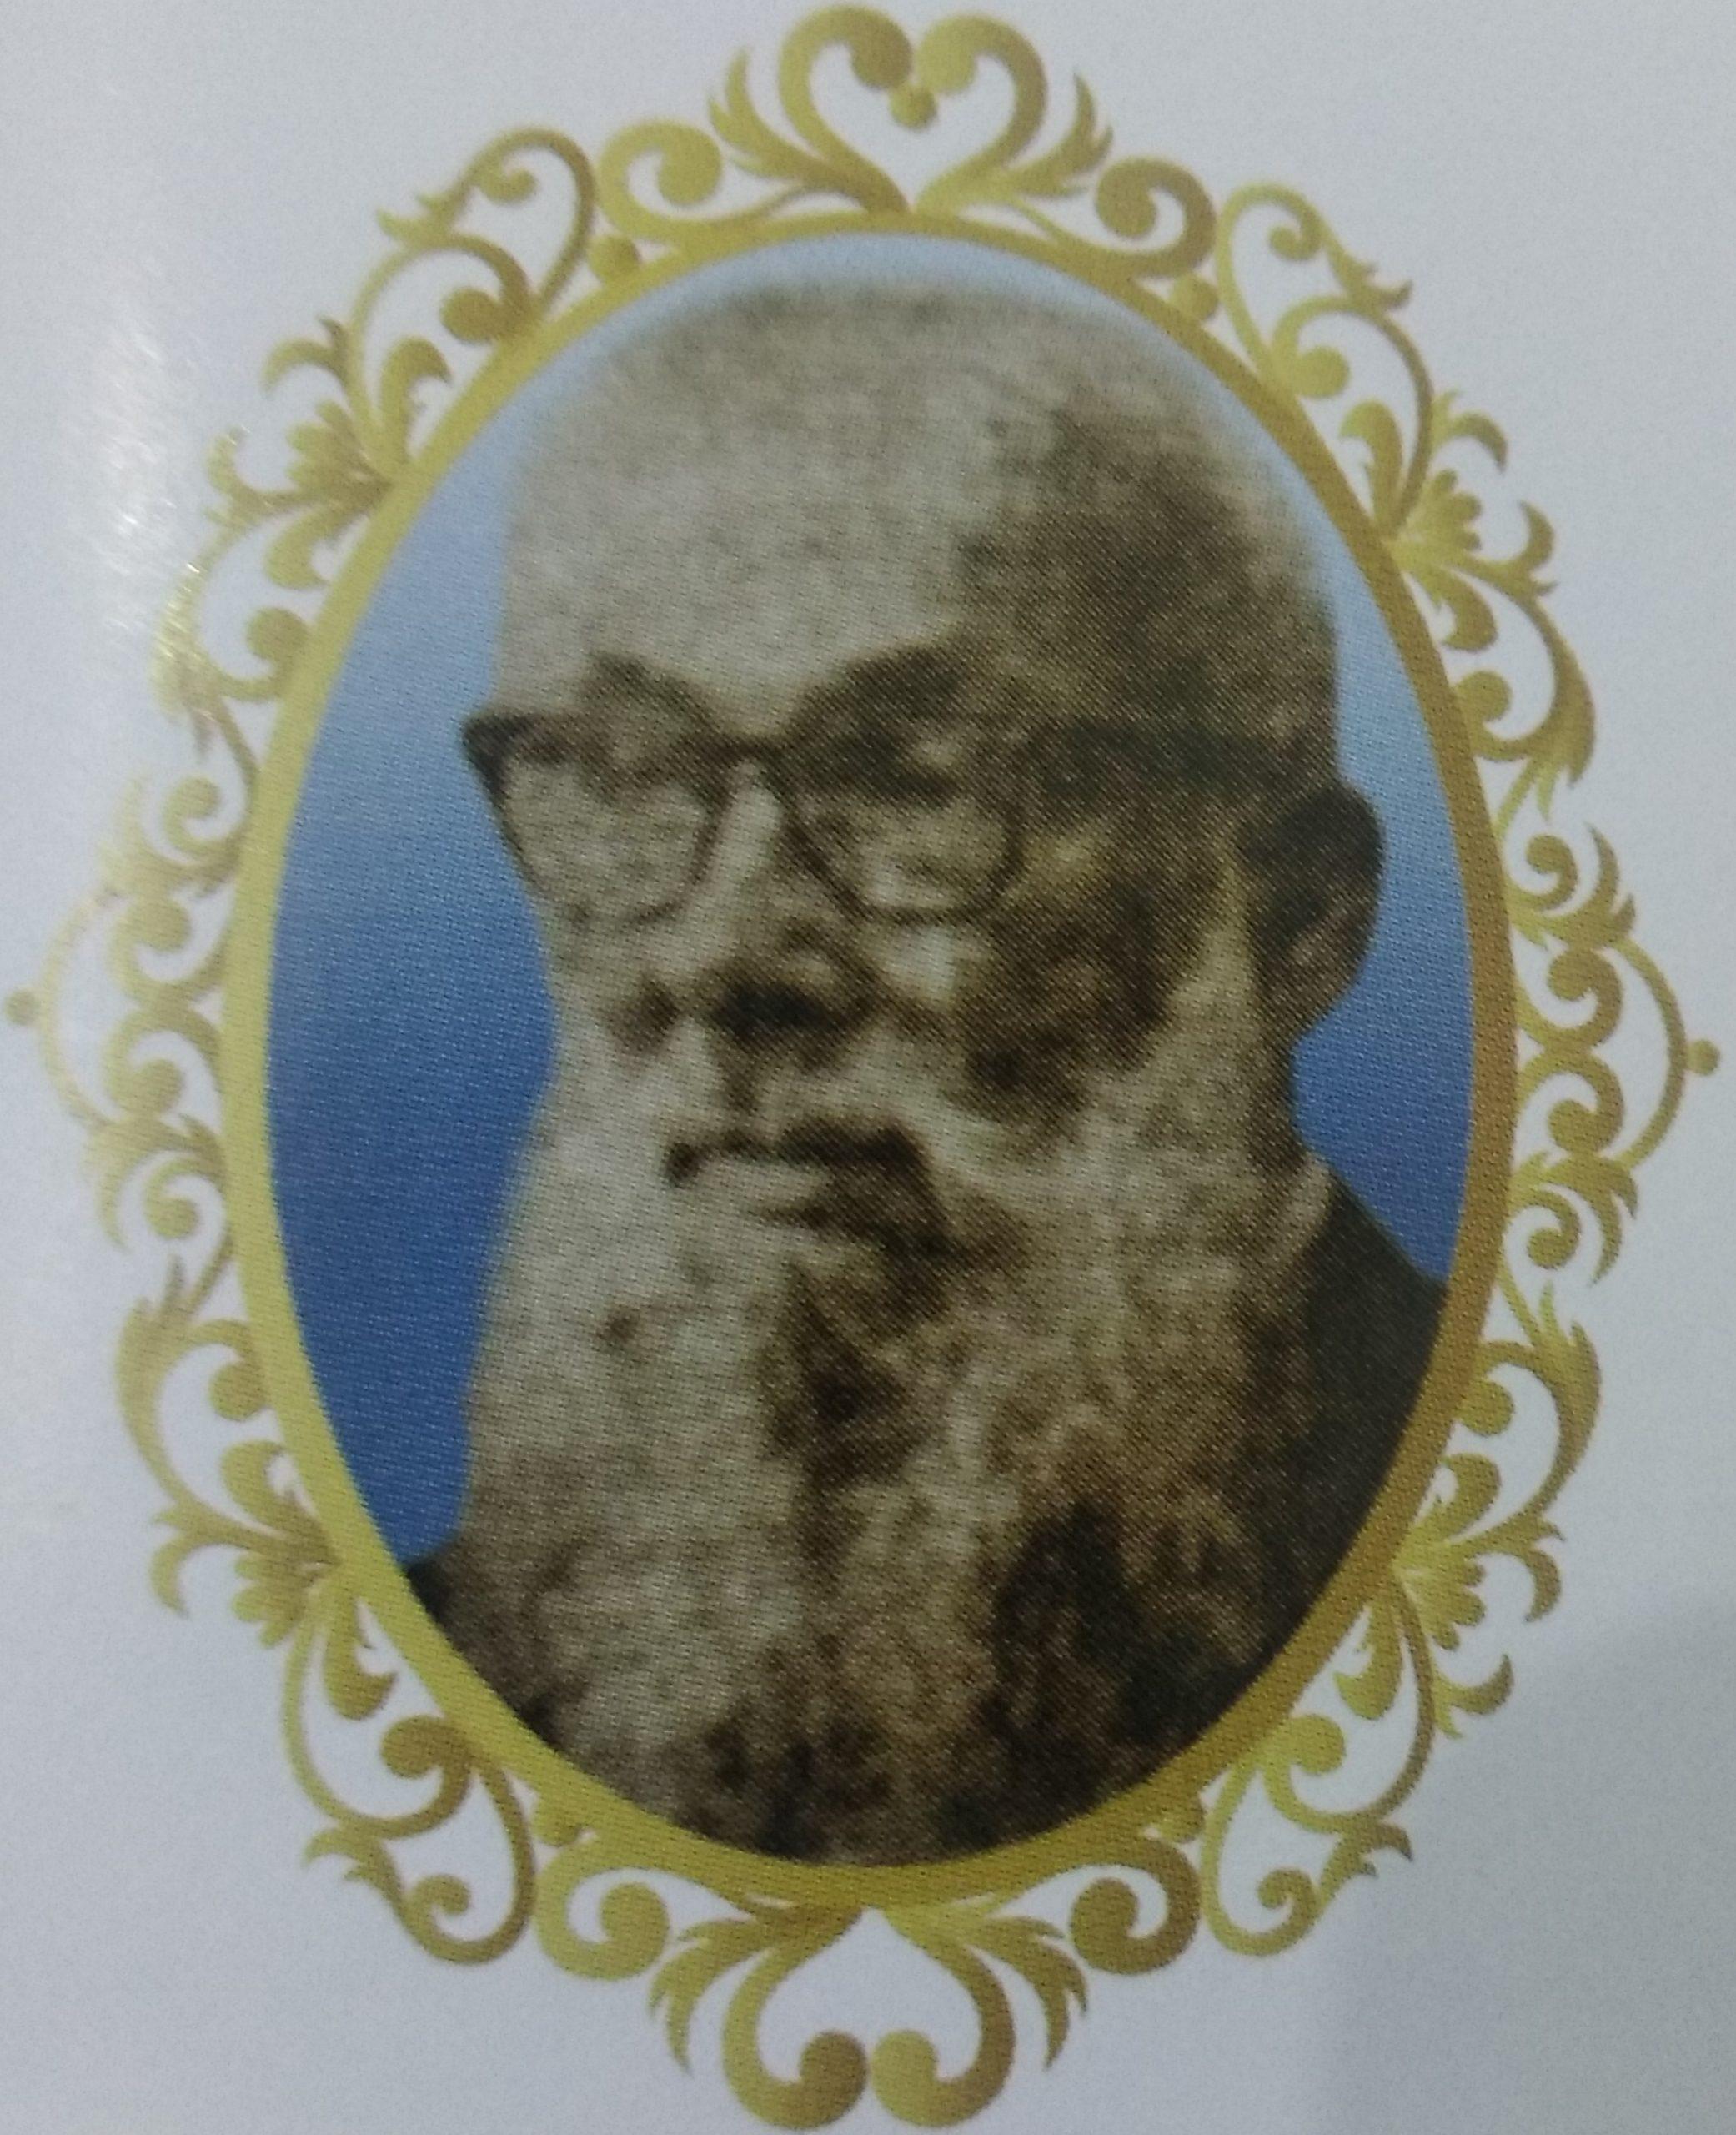 Msgr. Joseph Correya